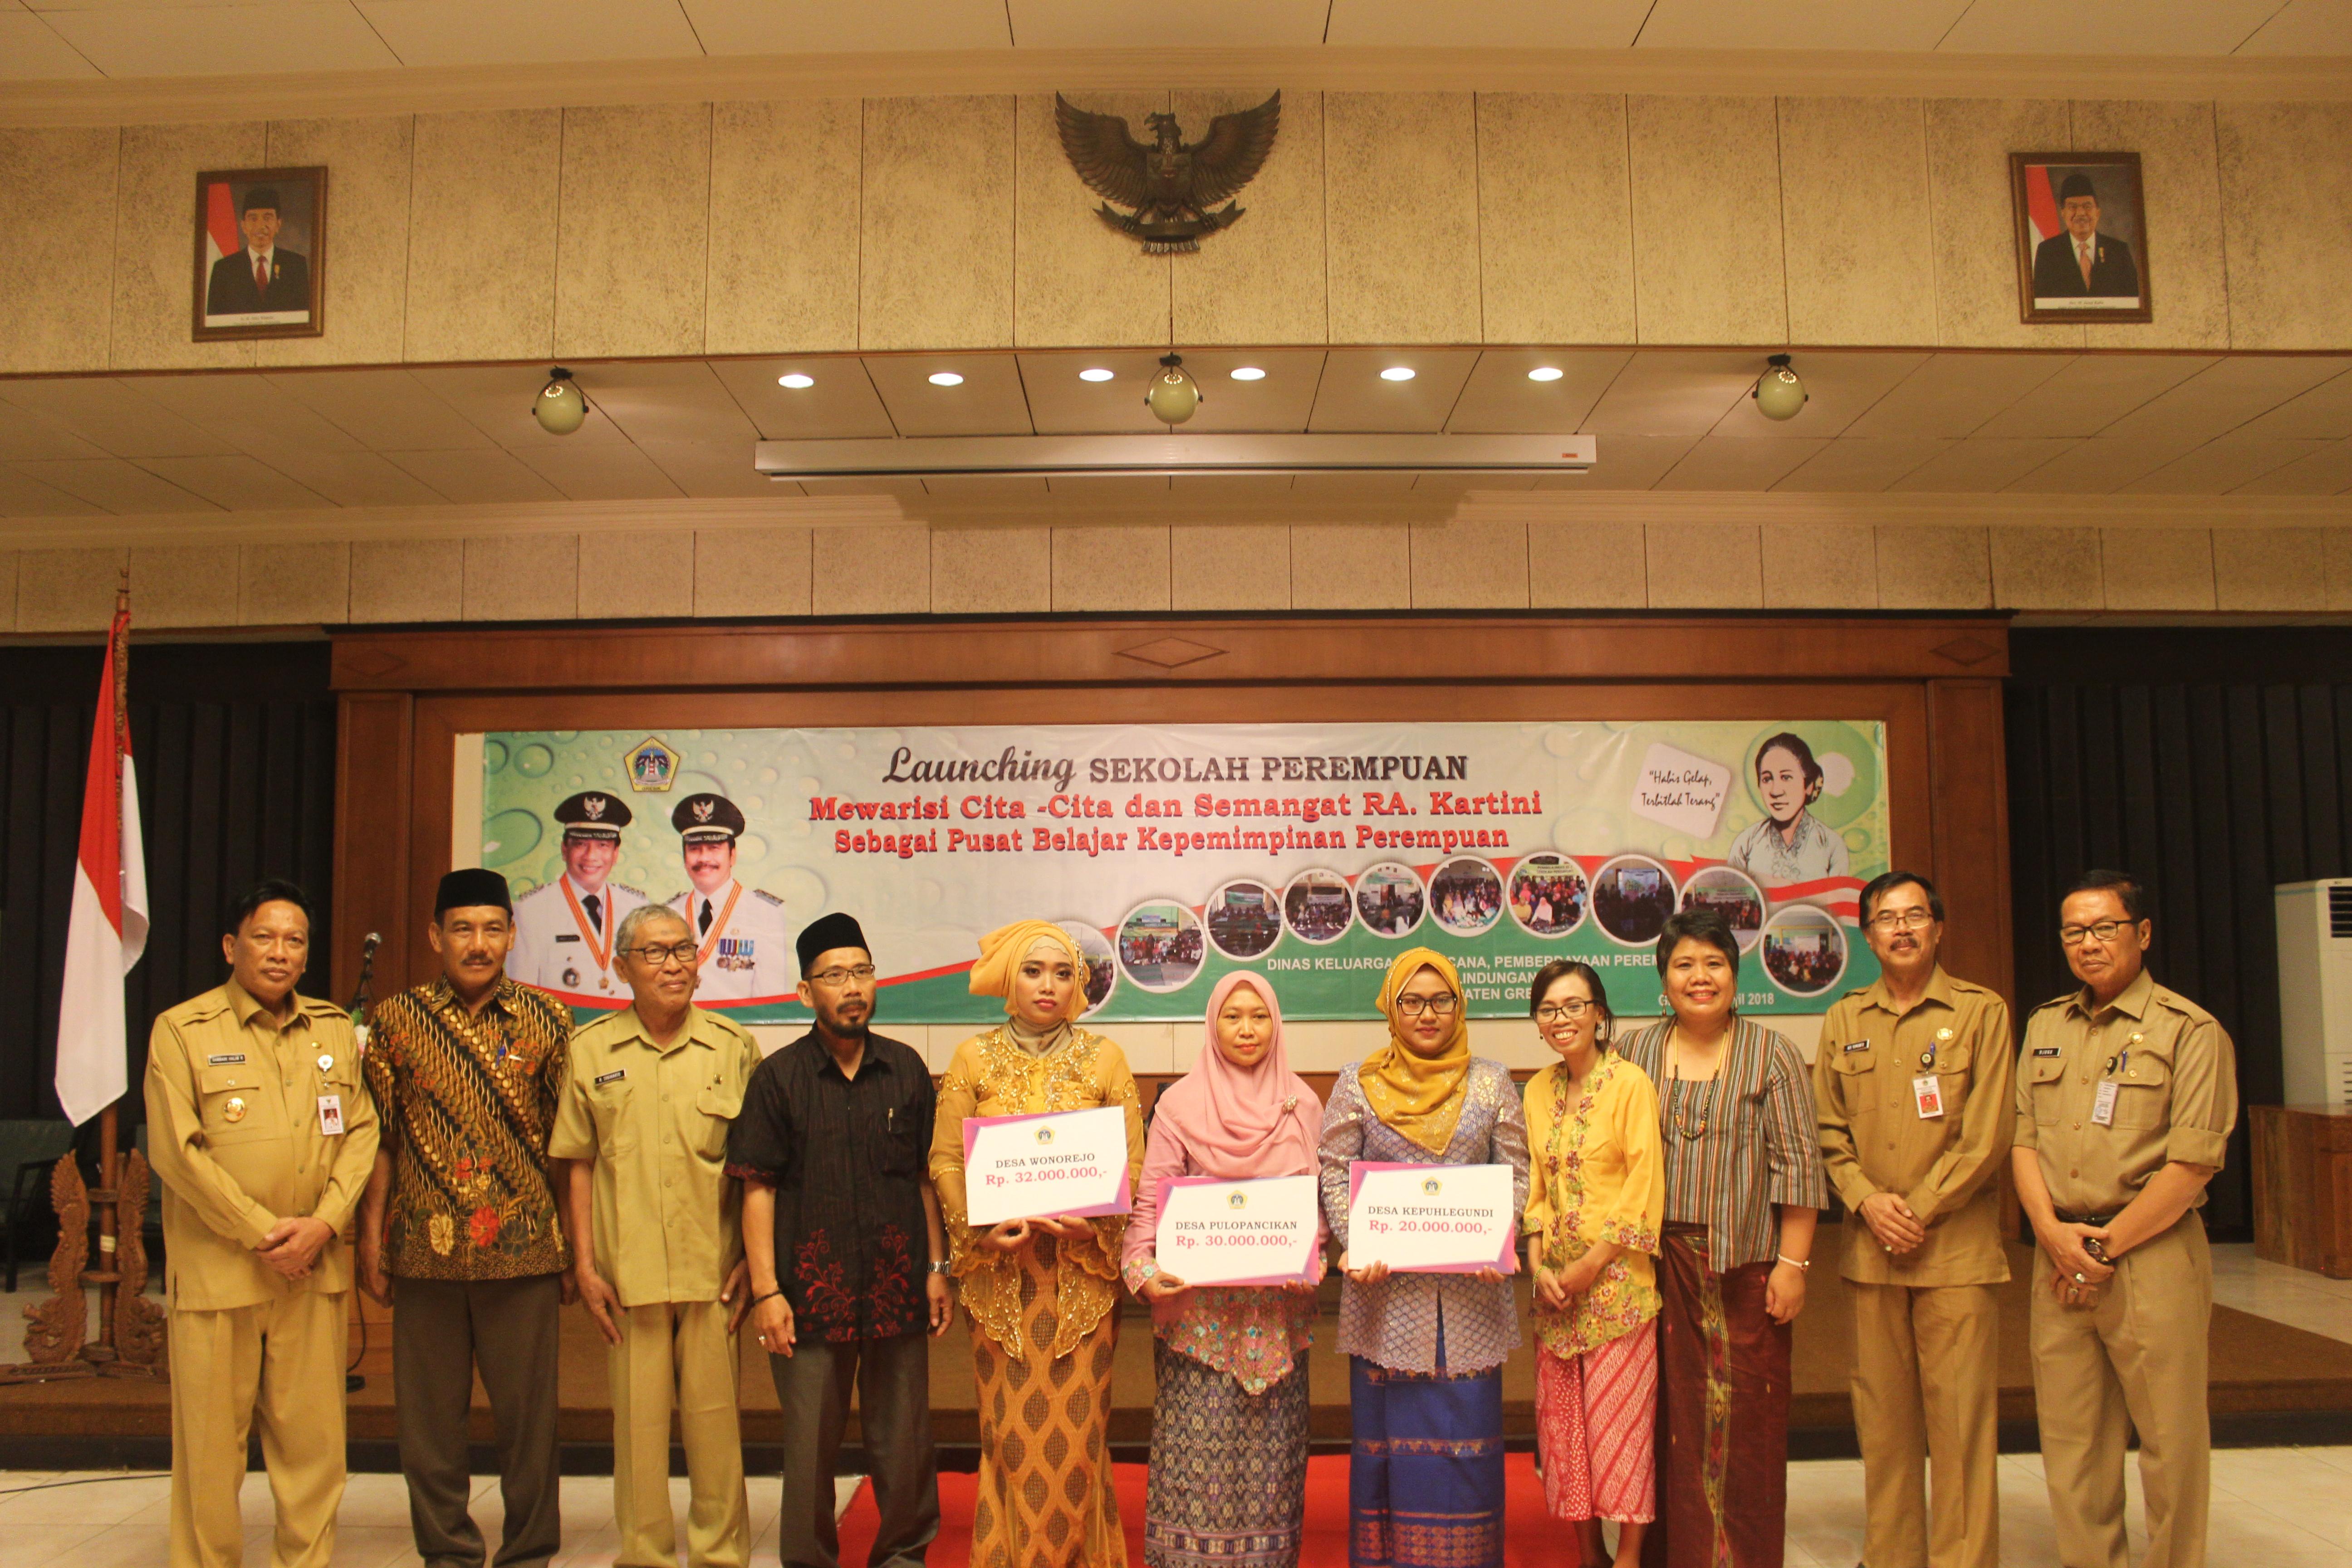 Peluncuran Sekolah Perempuan Sebagai Pusat Belajar Kepemimpinan Perempuan